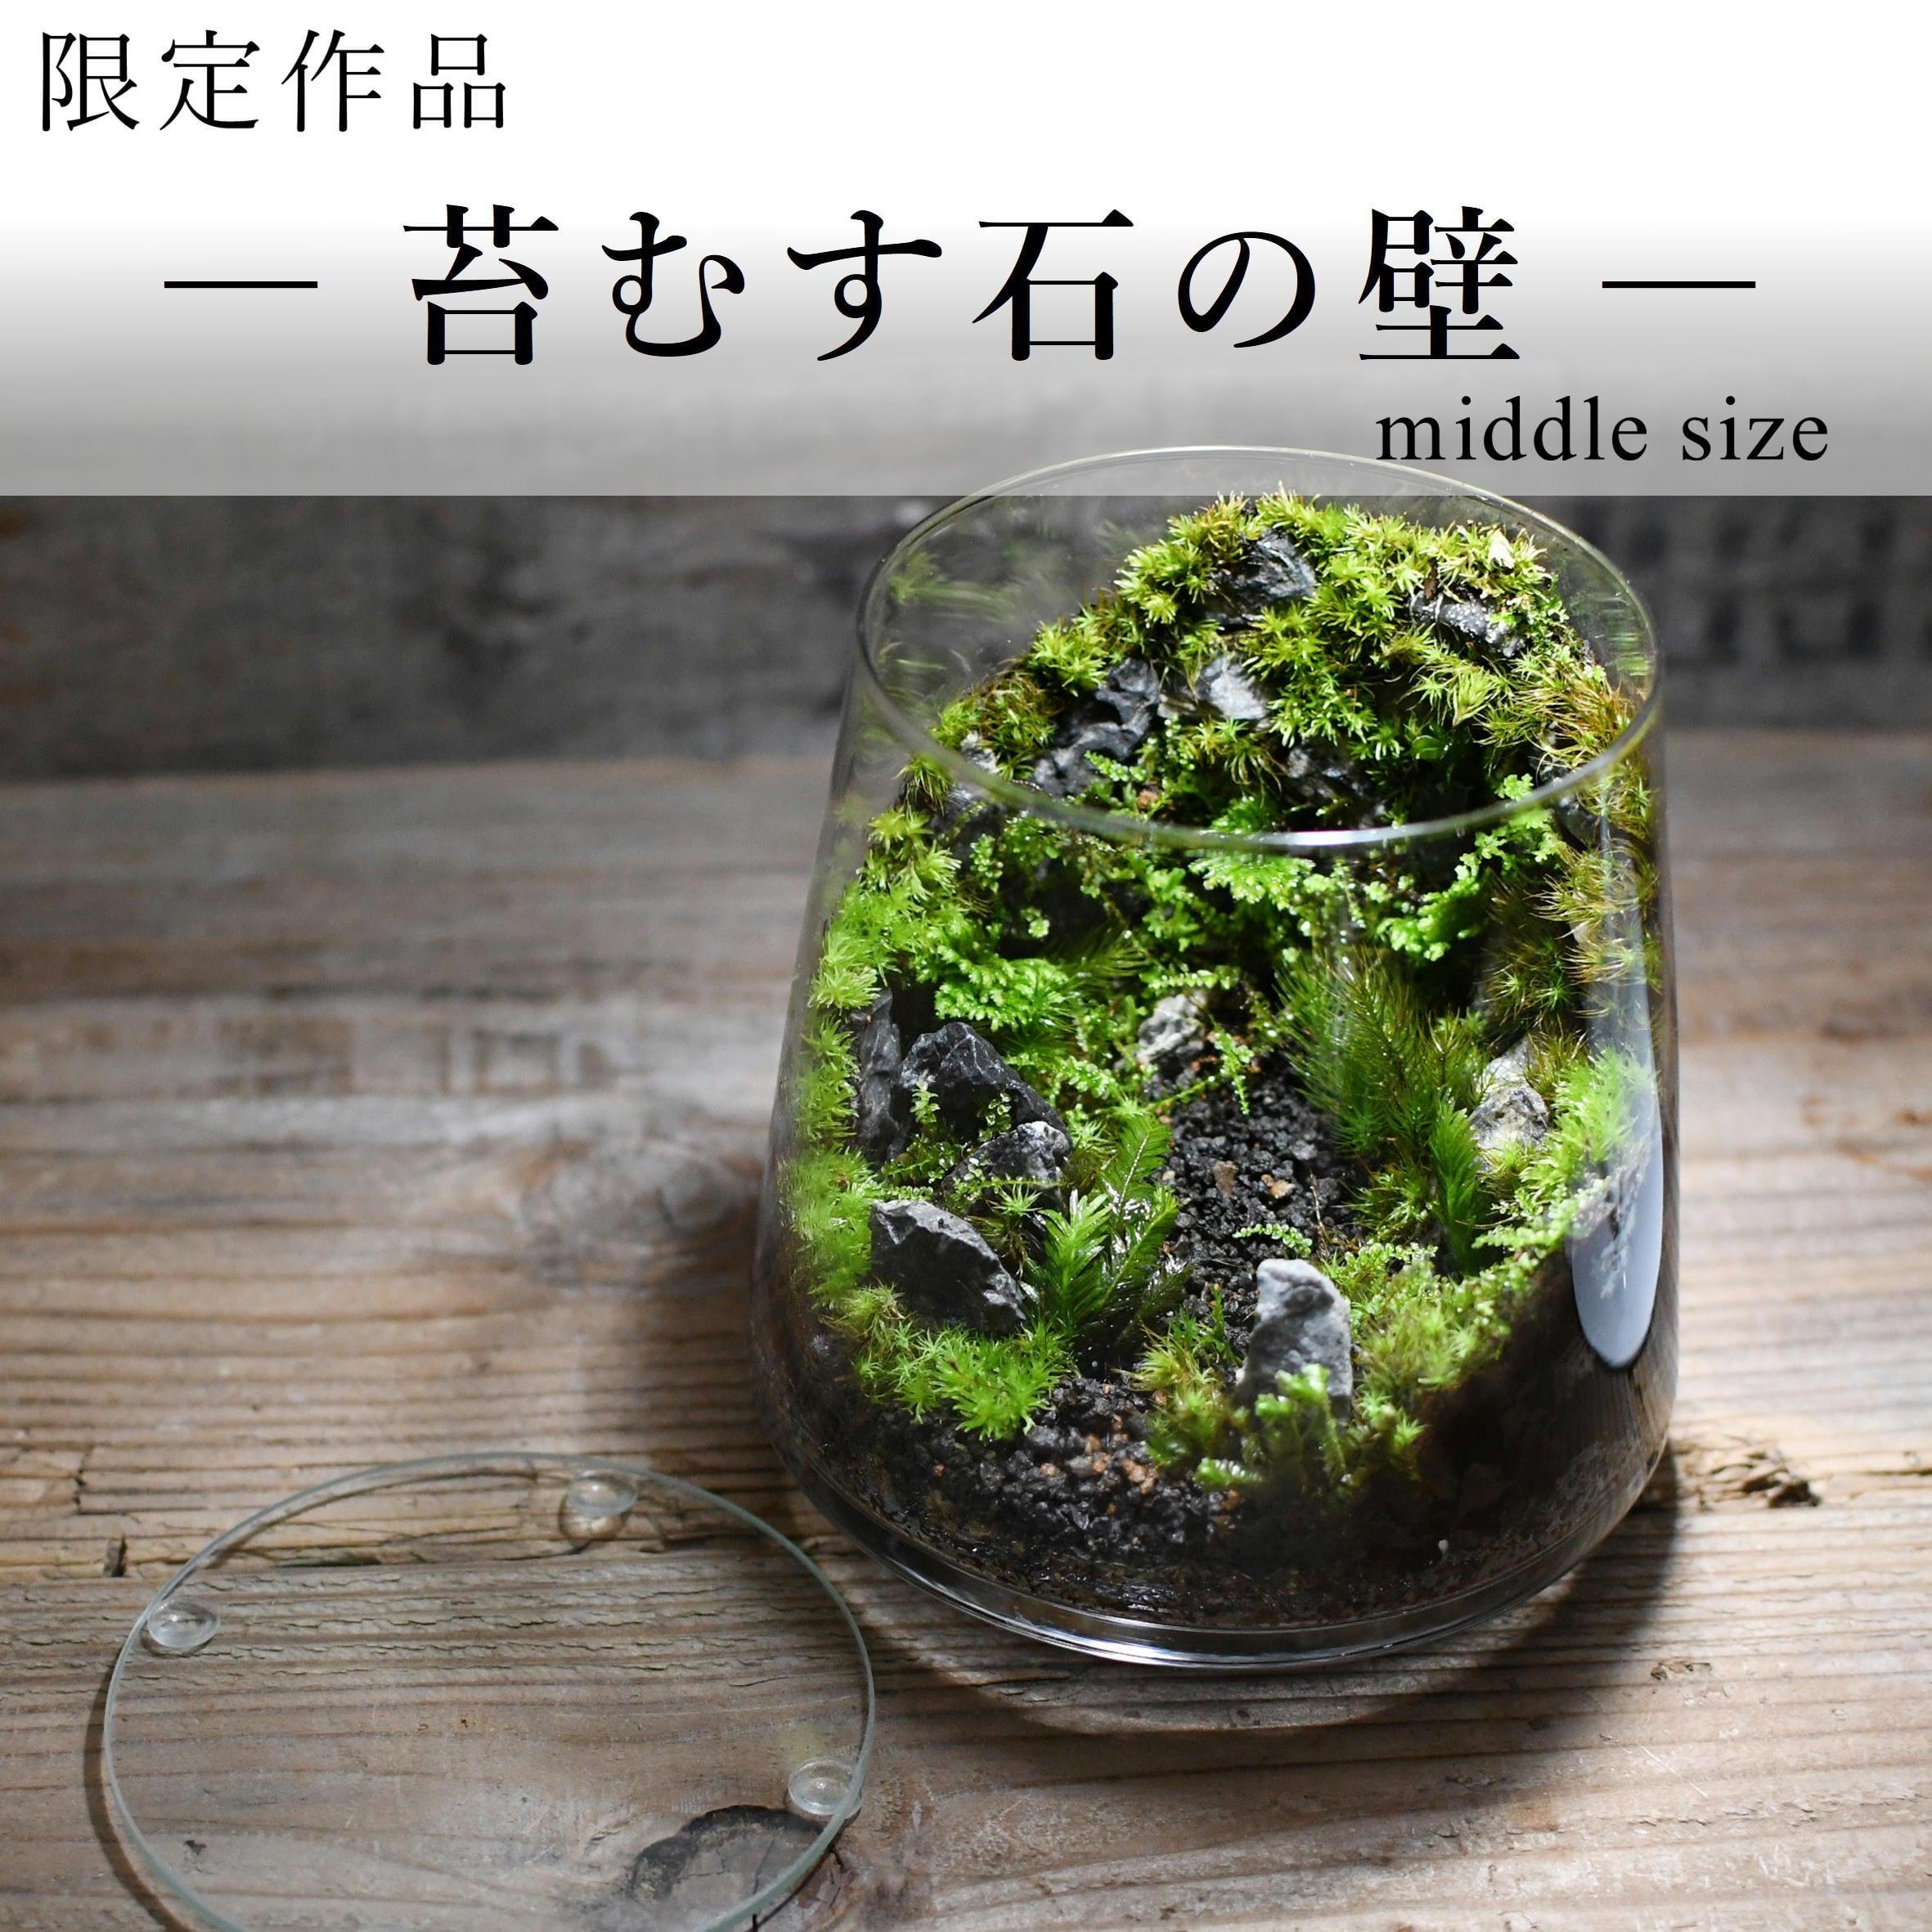 苔景−苔むす石の壁 small size −【苔テラリウム・現物限定販売】